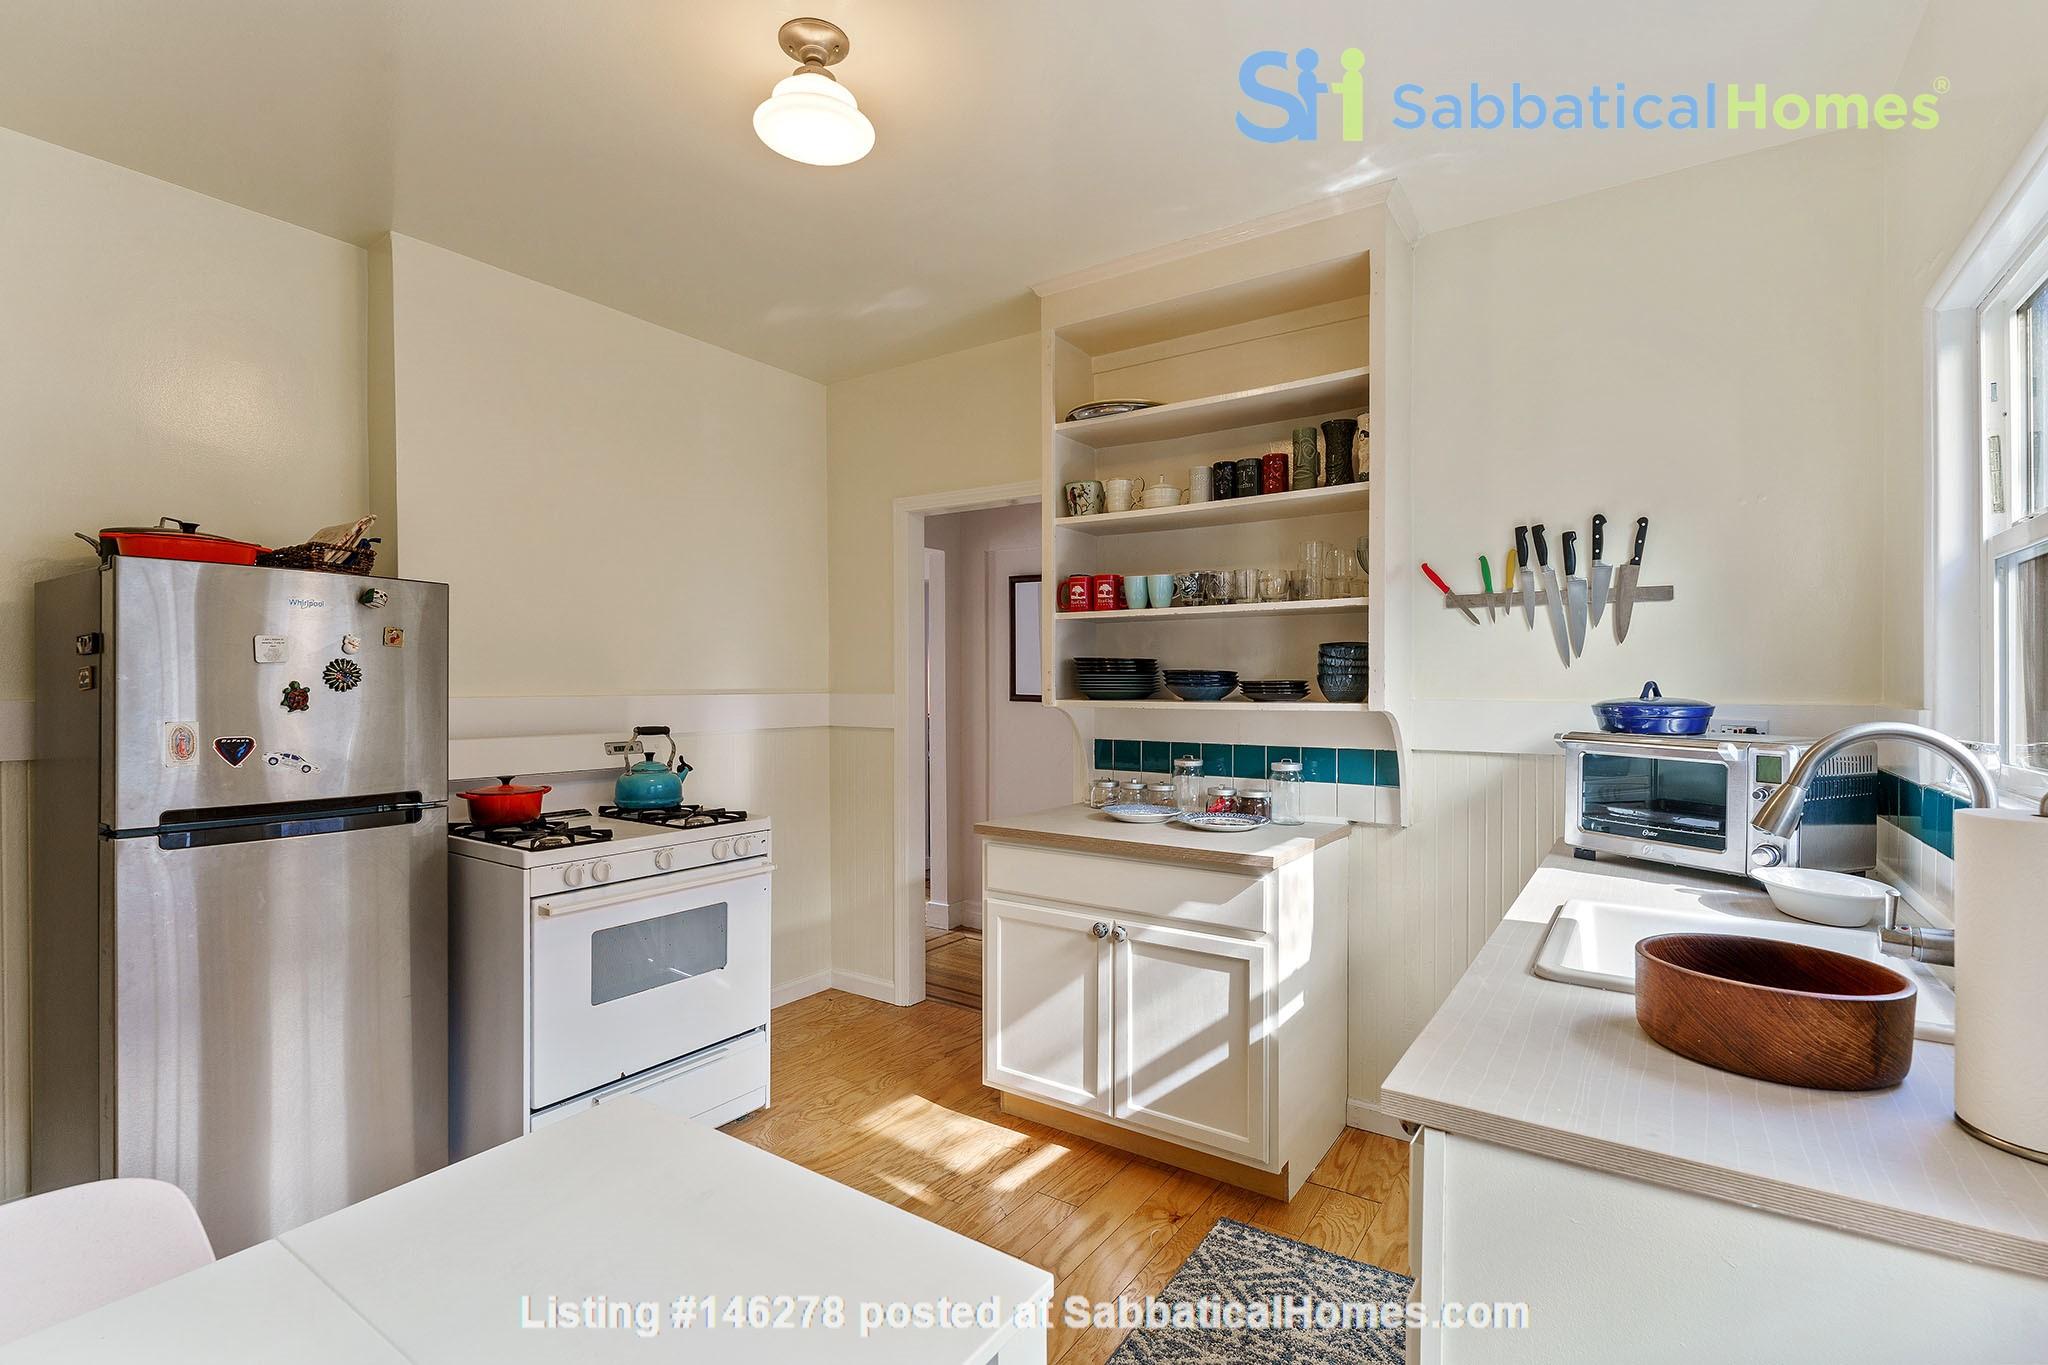 No kidding, the best location in Berkeley! Home Rental in Berkeley 8